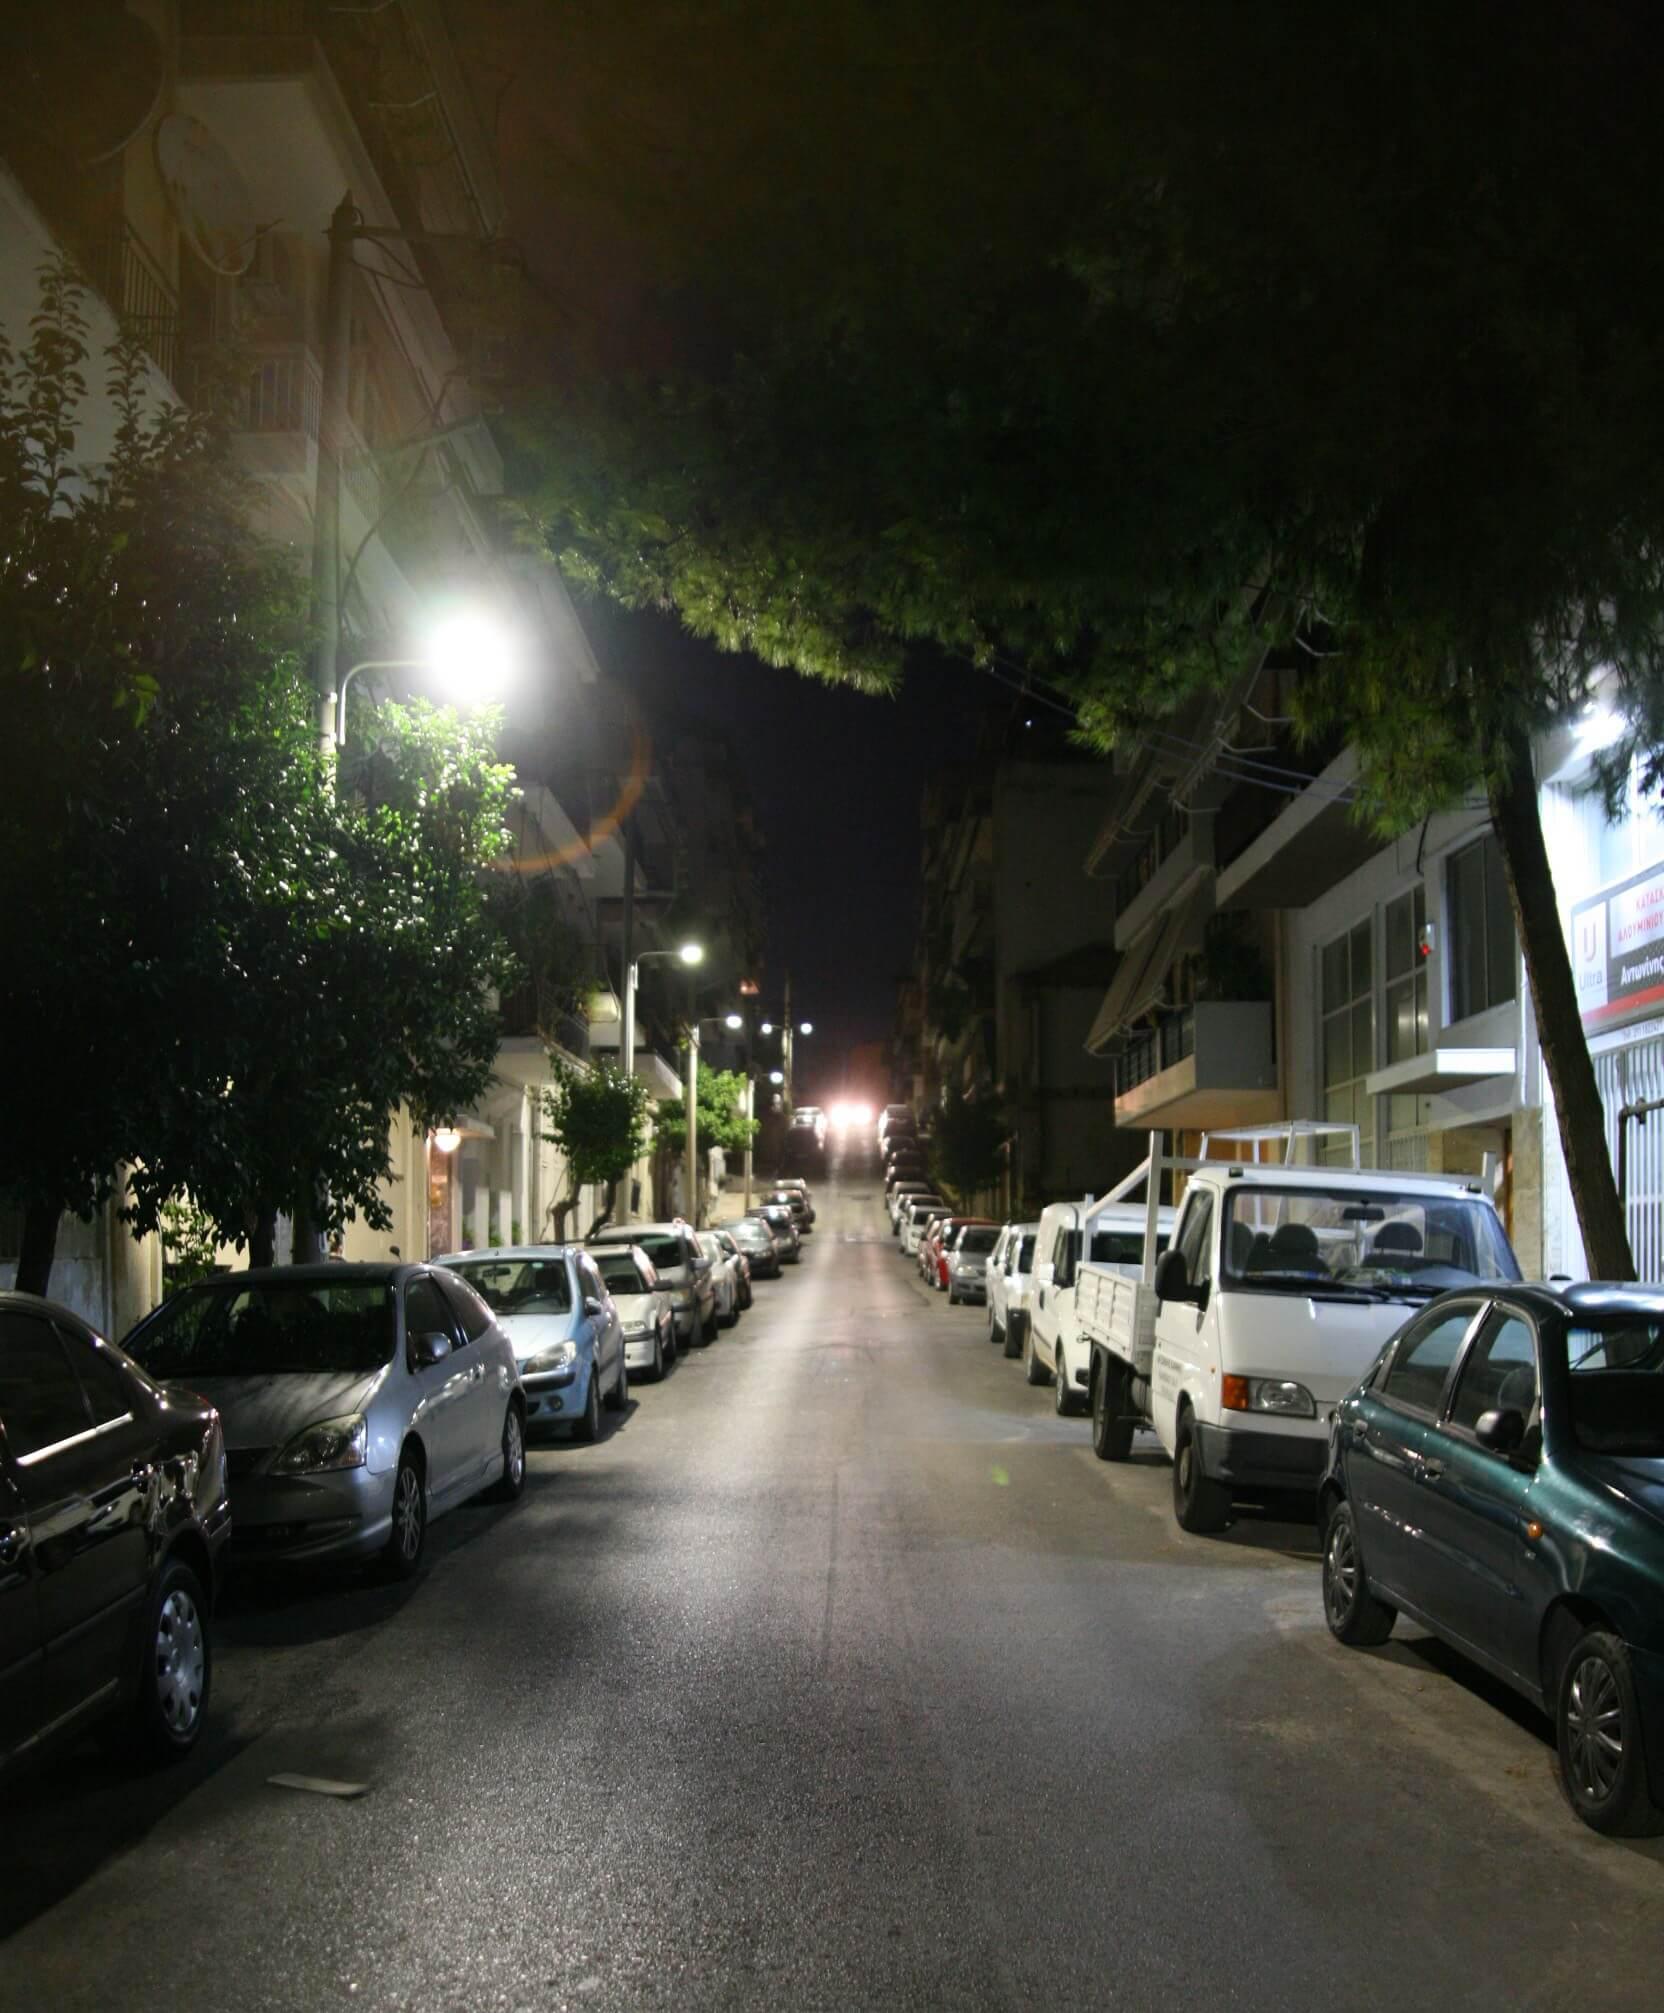 Πειραιάς : Αυτοψία Γιάννη Μώραλη στο νέο σύγχρονο Δημοτικό φωτισμό στη Β Δημοτική Κοινότητα